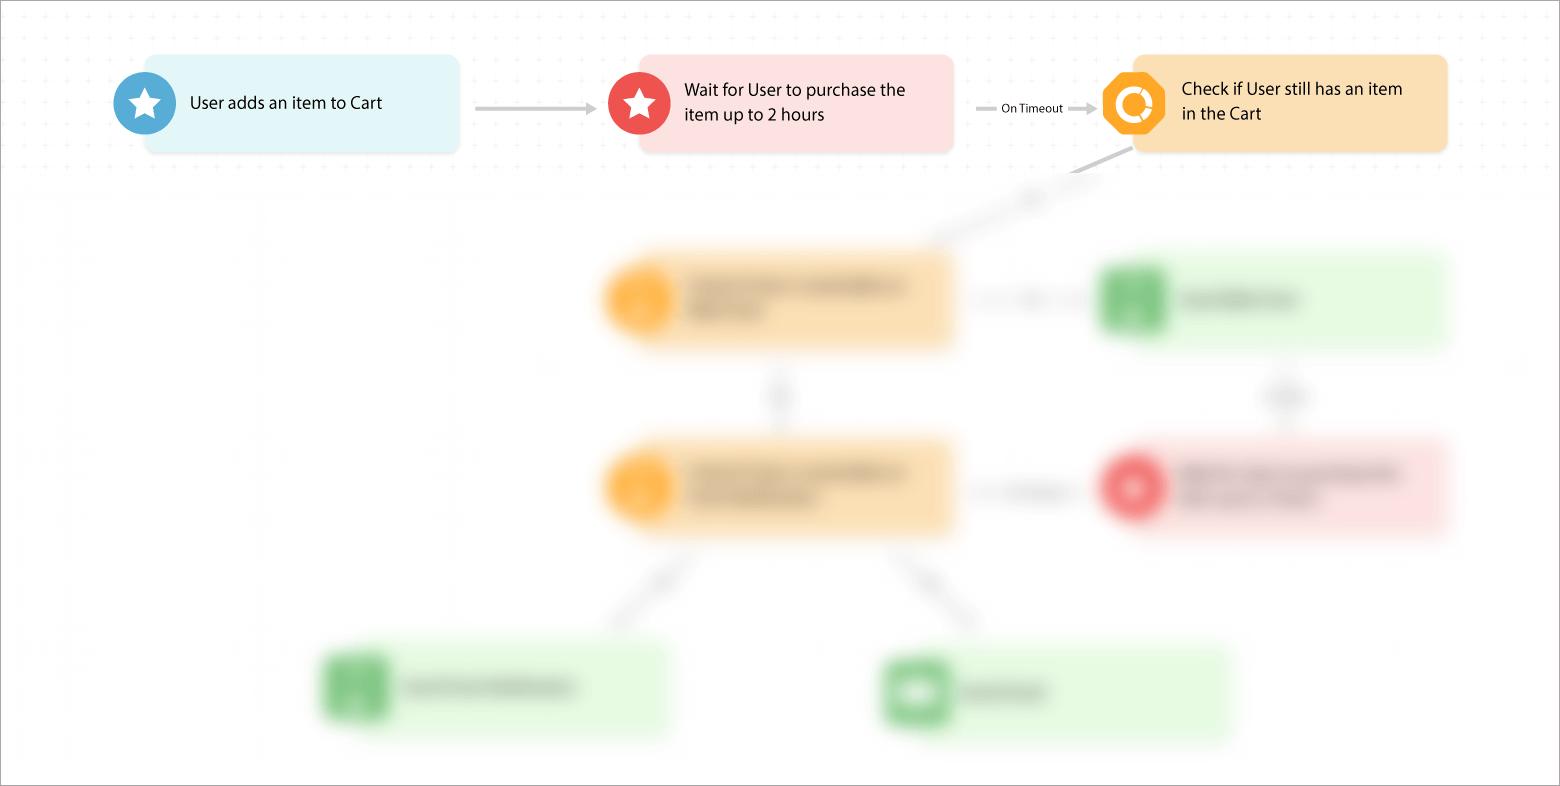 Verification phase journey